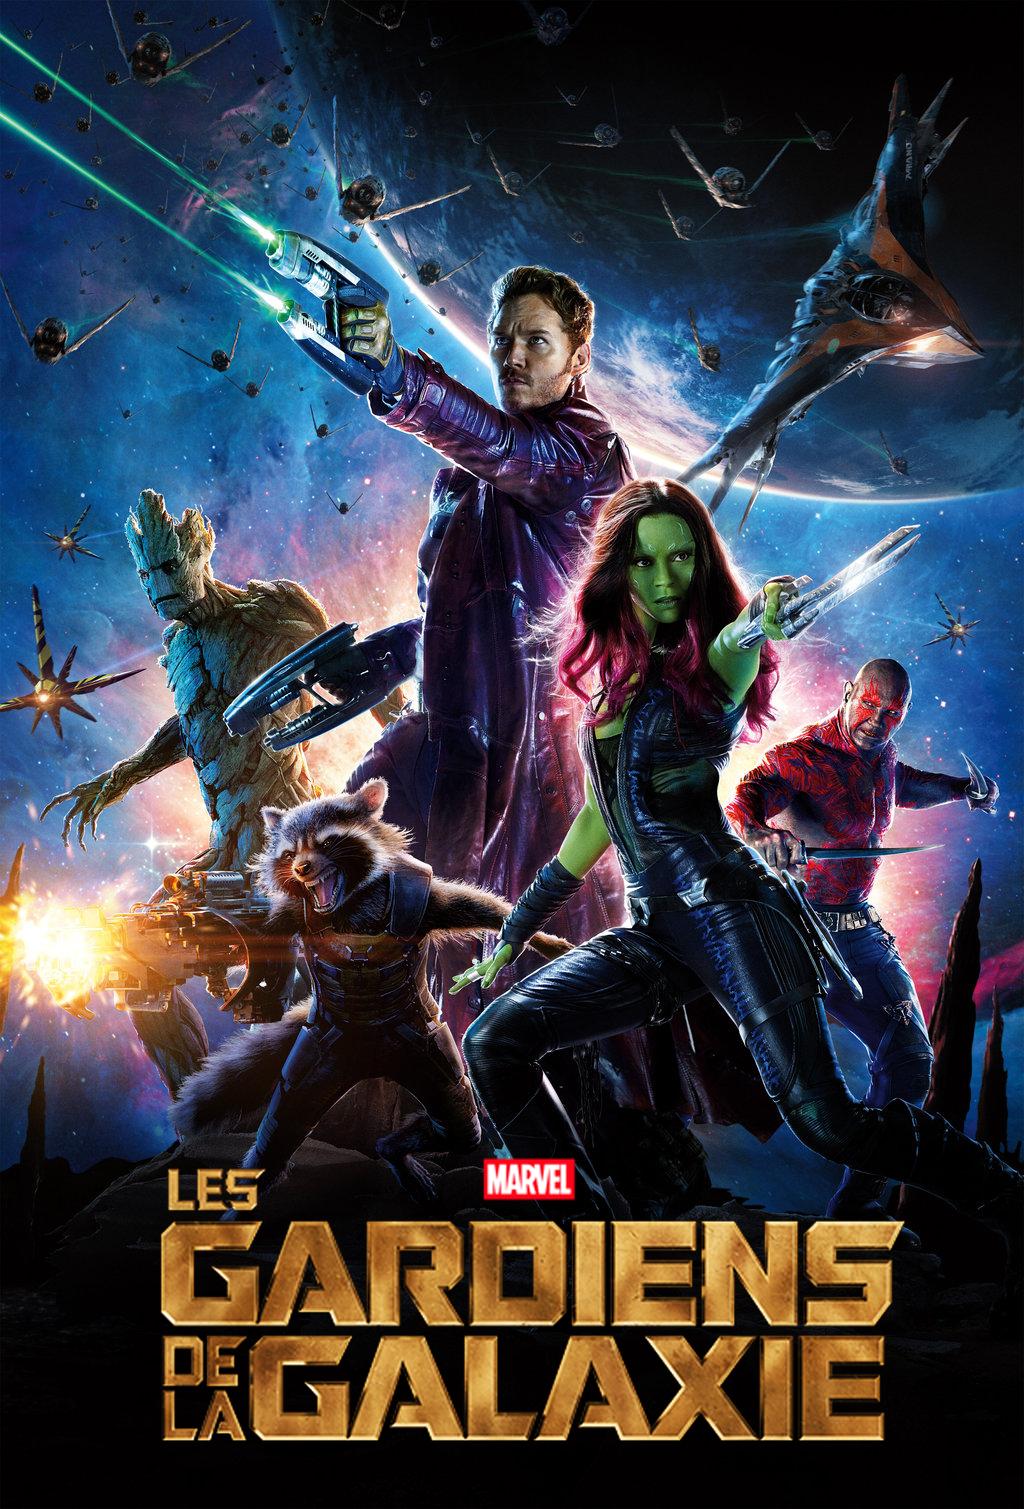 Gardiens de la galaxie poster